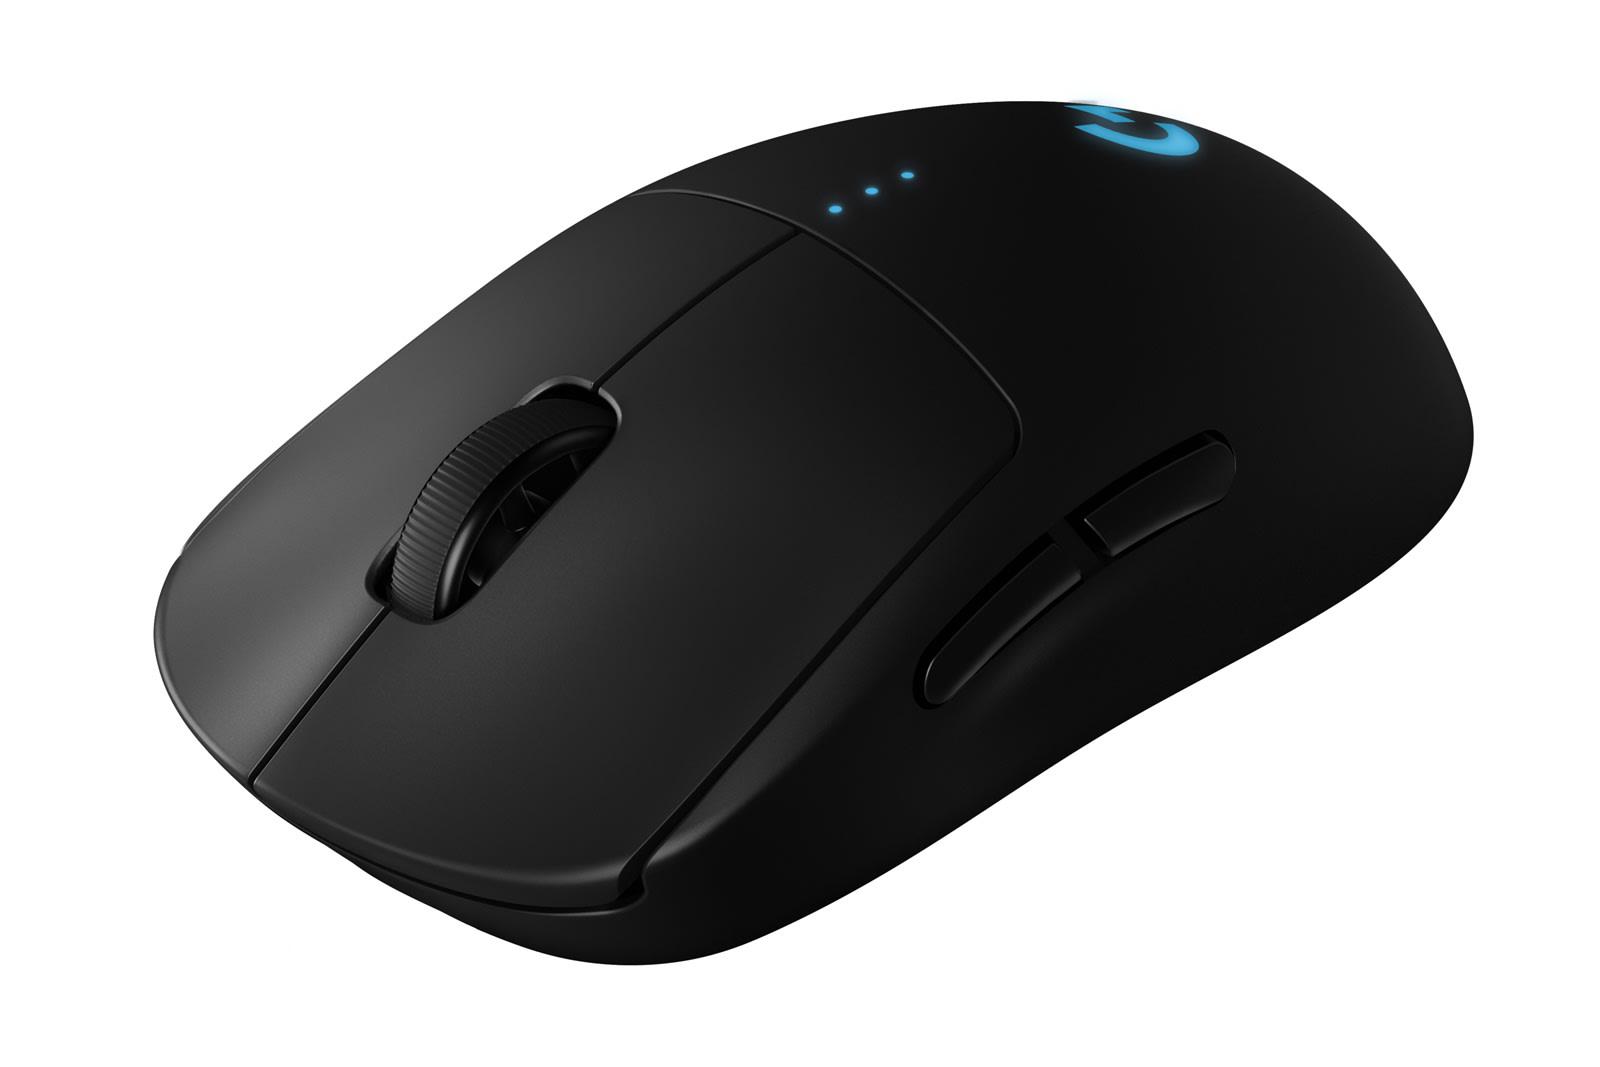 羅技推出輕到極限的 G Pro Wireless 無線電競滑鼠